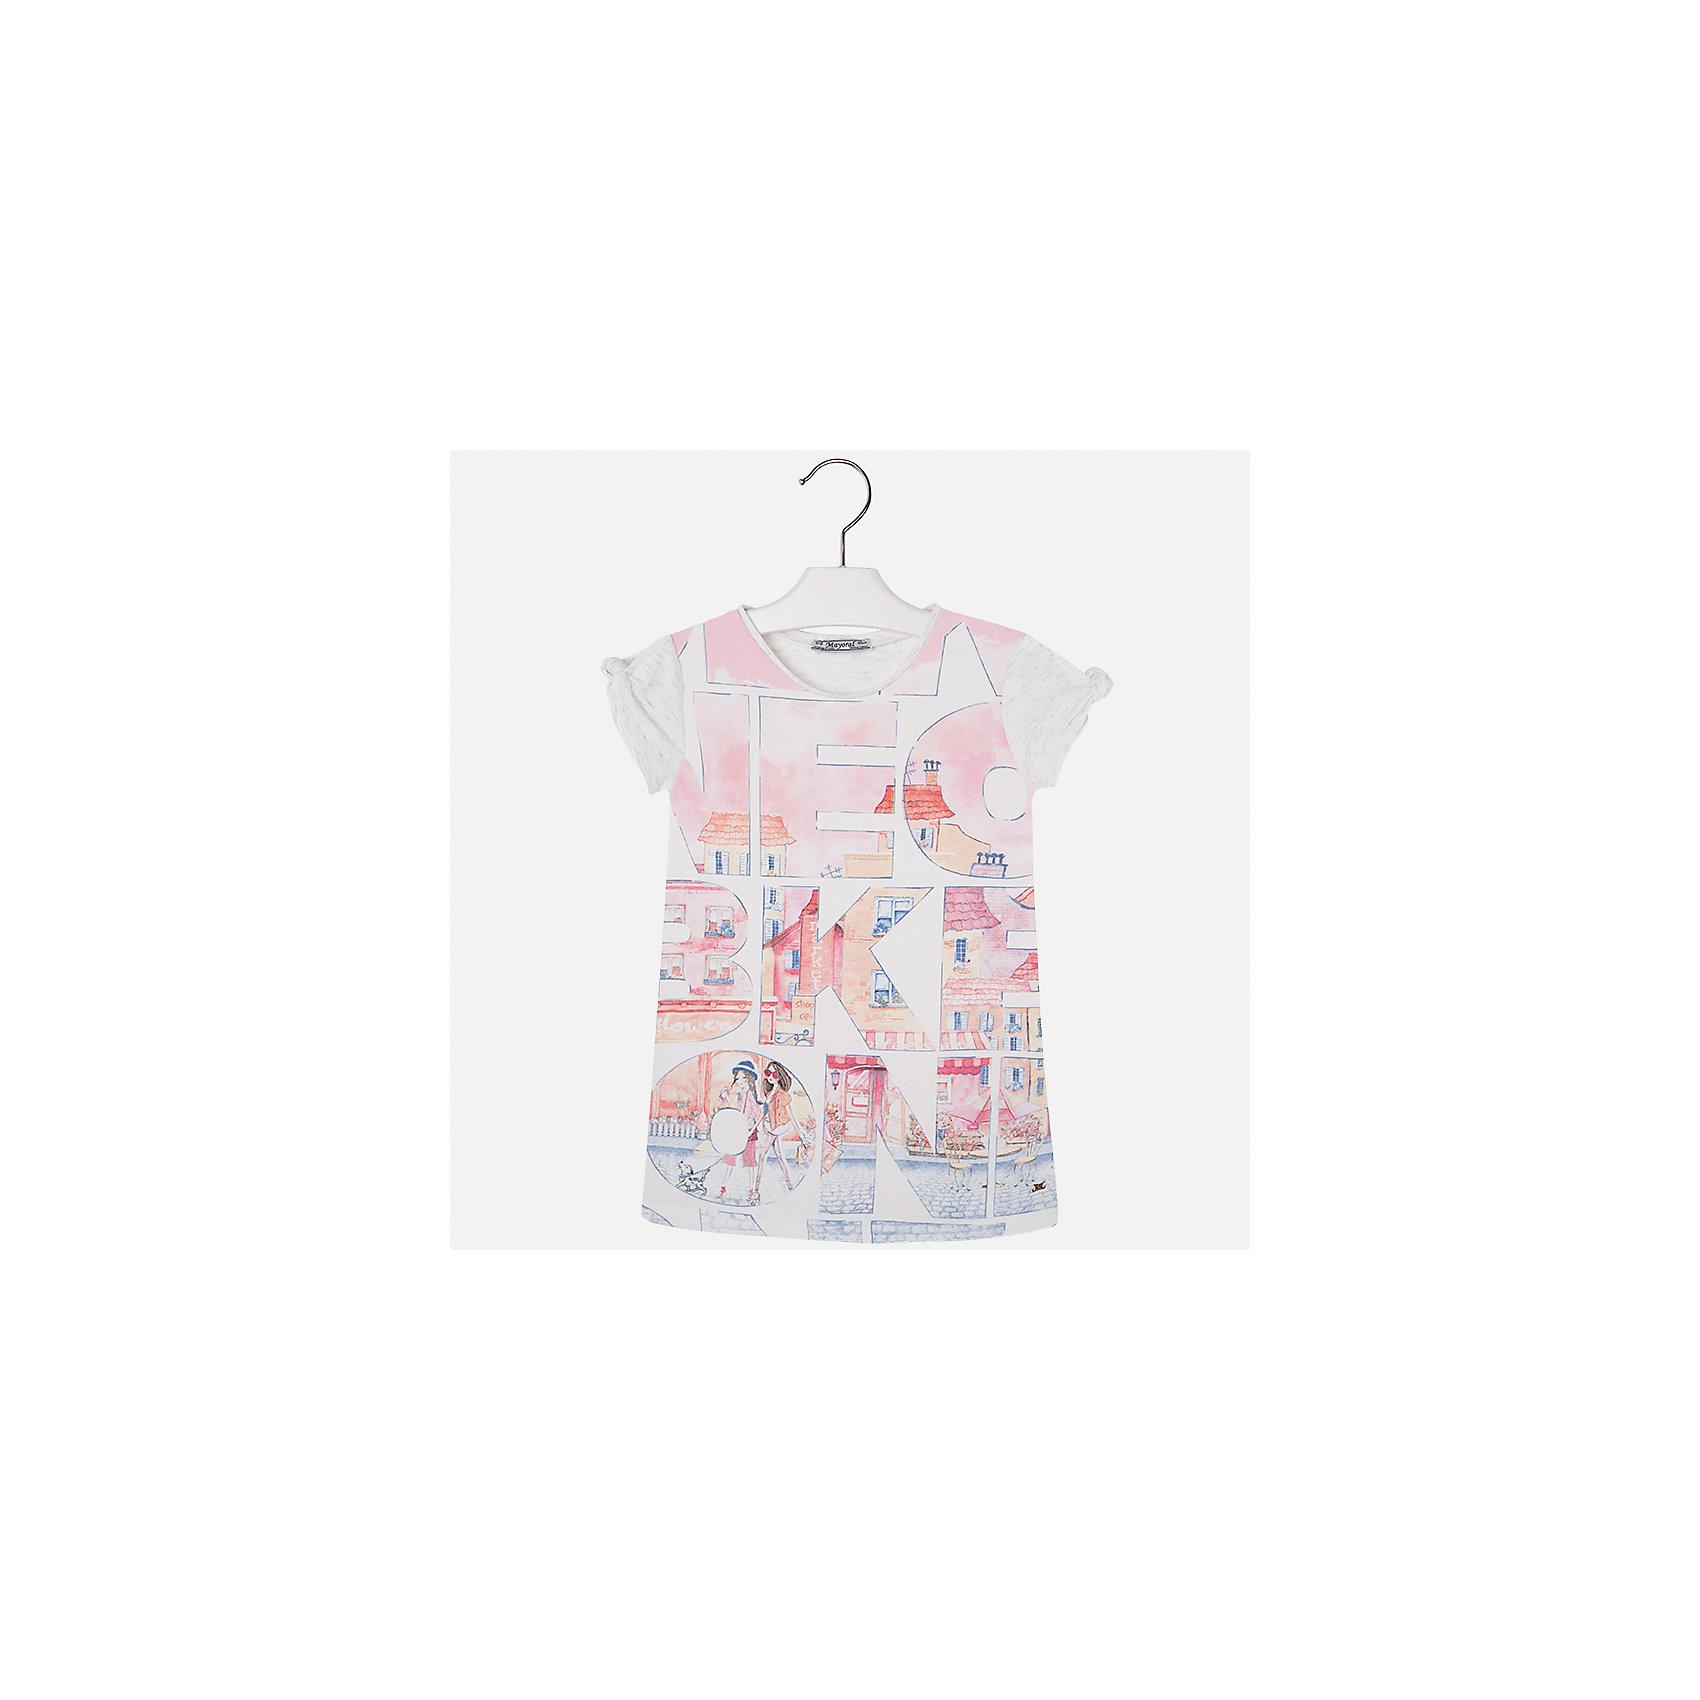 Платье для девочки MayoralПлатья и сарафаны<br>Характеристики товара:<br><br>• цвет: бело-розовый<br>• состав: 43% хлопок, 28% вискоза, 25% полиэстер, 4% эластан<br>• без застежки<br>• прямой силуэт<br>• короткие рукава<br>• декорировано принтом<br>• страна бренда: Испания<br><br>Стильное платье для девочки поможет разнообразить гардероб ребенка и создать эффектный наряд. Оно подойдет для различных случаев. Красивый оттенок позволяет подобрать к вещи обувь разных расцветок. Платье хорошо сидит по фигуре. В составе материала - натуральный хлопок, гипоаллергенный, приятный на ощупь, дышащий.<br><br>Одежда, обувь и аксессуары от испанского бренда Mayoral полюбились детям и взрослым по всему миру. Модели этой марки - стильные и удобные. Для их производства используются только безопасные, качественные материалы и фурнитура. Порадуйте ребенка модными и красивыми вещами от Mayoral! <br><br>Платье для девочки от испанского бренда Mayoral (Майорал) можно купить в нашем интернет-магазине.<br><br>Ширина мм: 236<br>Глубина мм: 16<br>Высота мм: 184<br>Вес г: 177<br>Цвет: розовый<br>Возраст от месяцев: 96<br>Возраст до месяцев: 108<br>Пол: Женский<br>Возраст: Детский<br>Размер: 134,92,98,104,110,116,122,128<br>SKU: 5300578